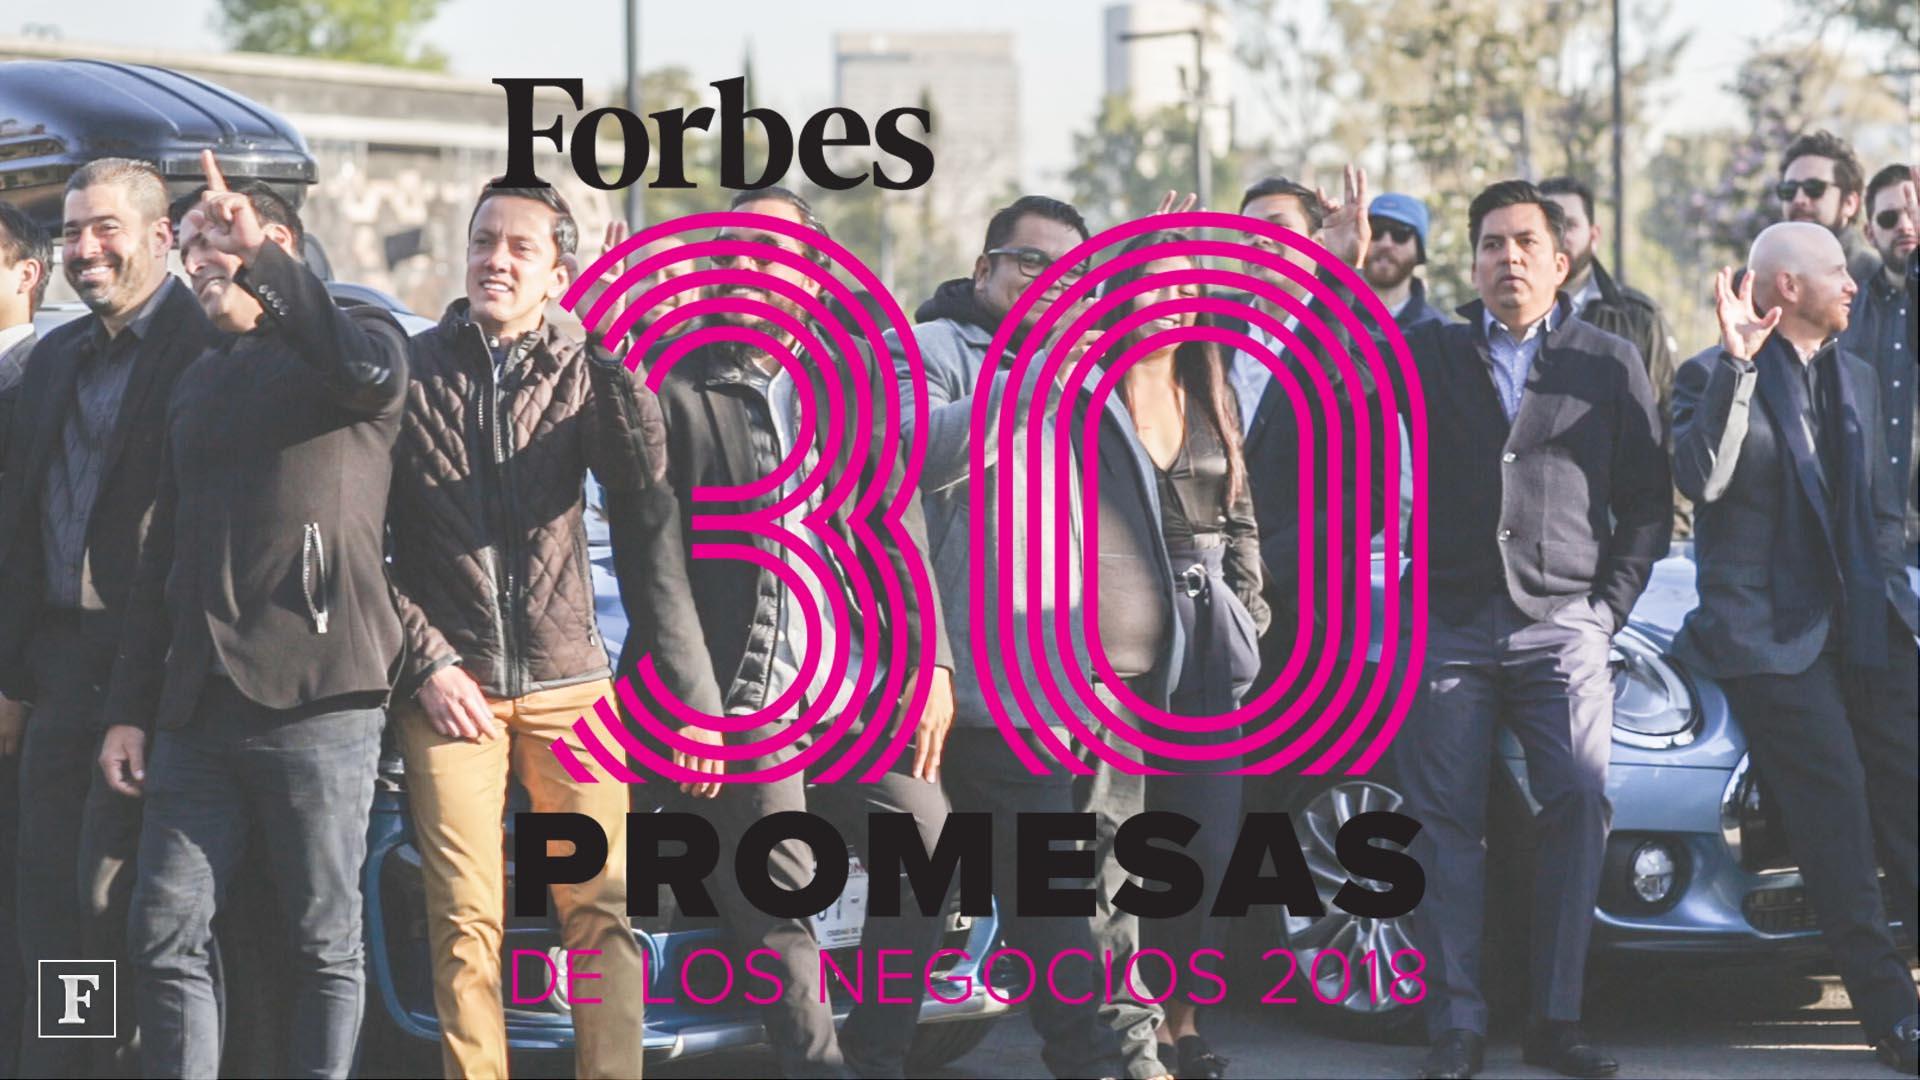 Cómo mantener tu negocio a flote | 30 Promesas de los negocios 2018